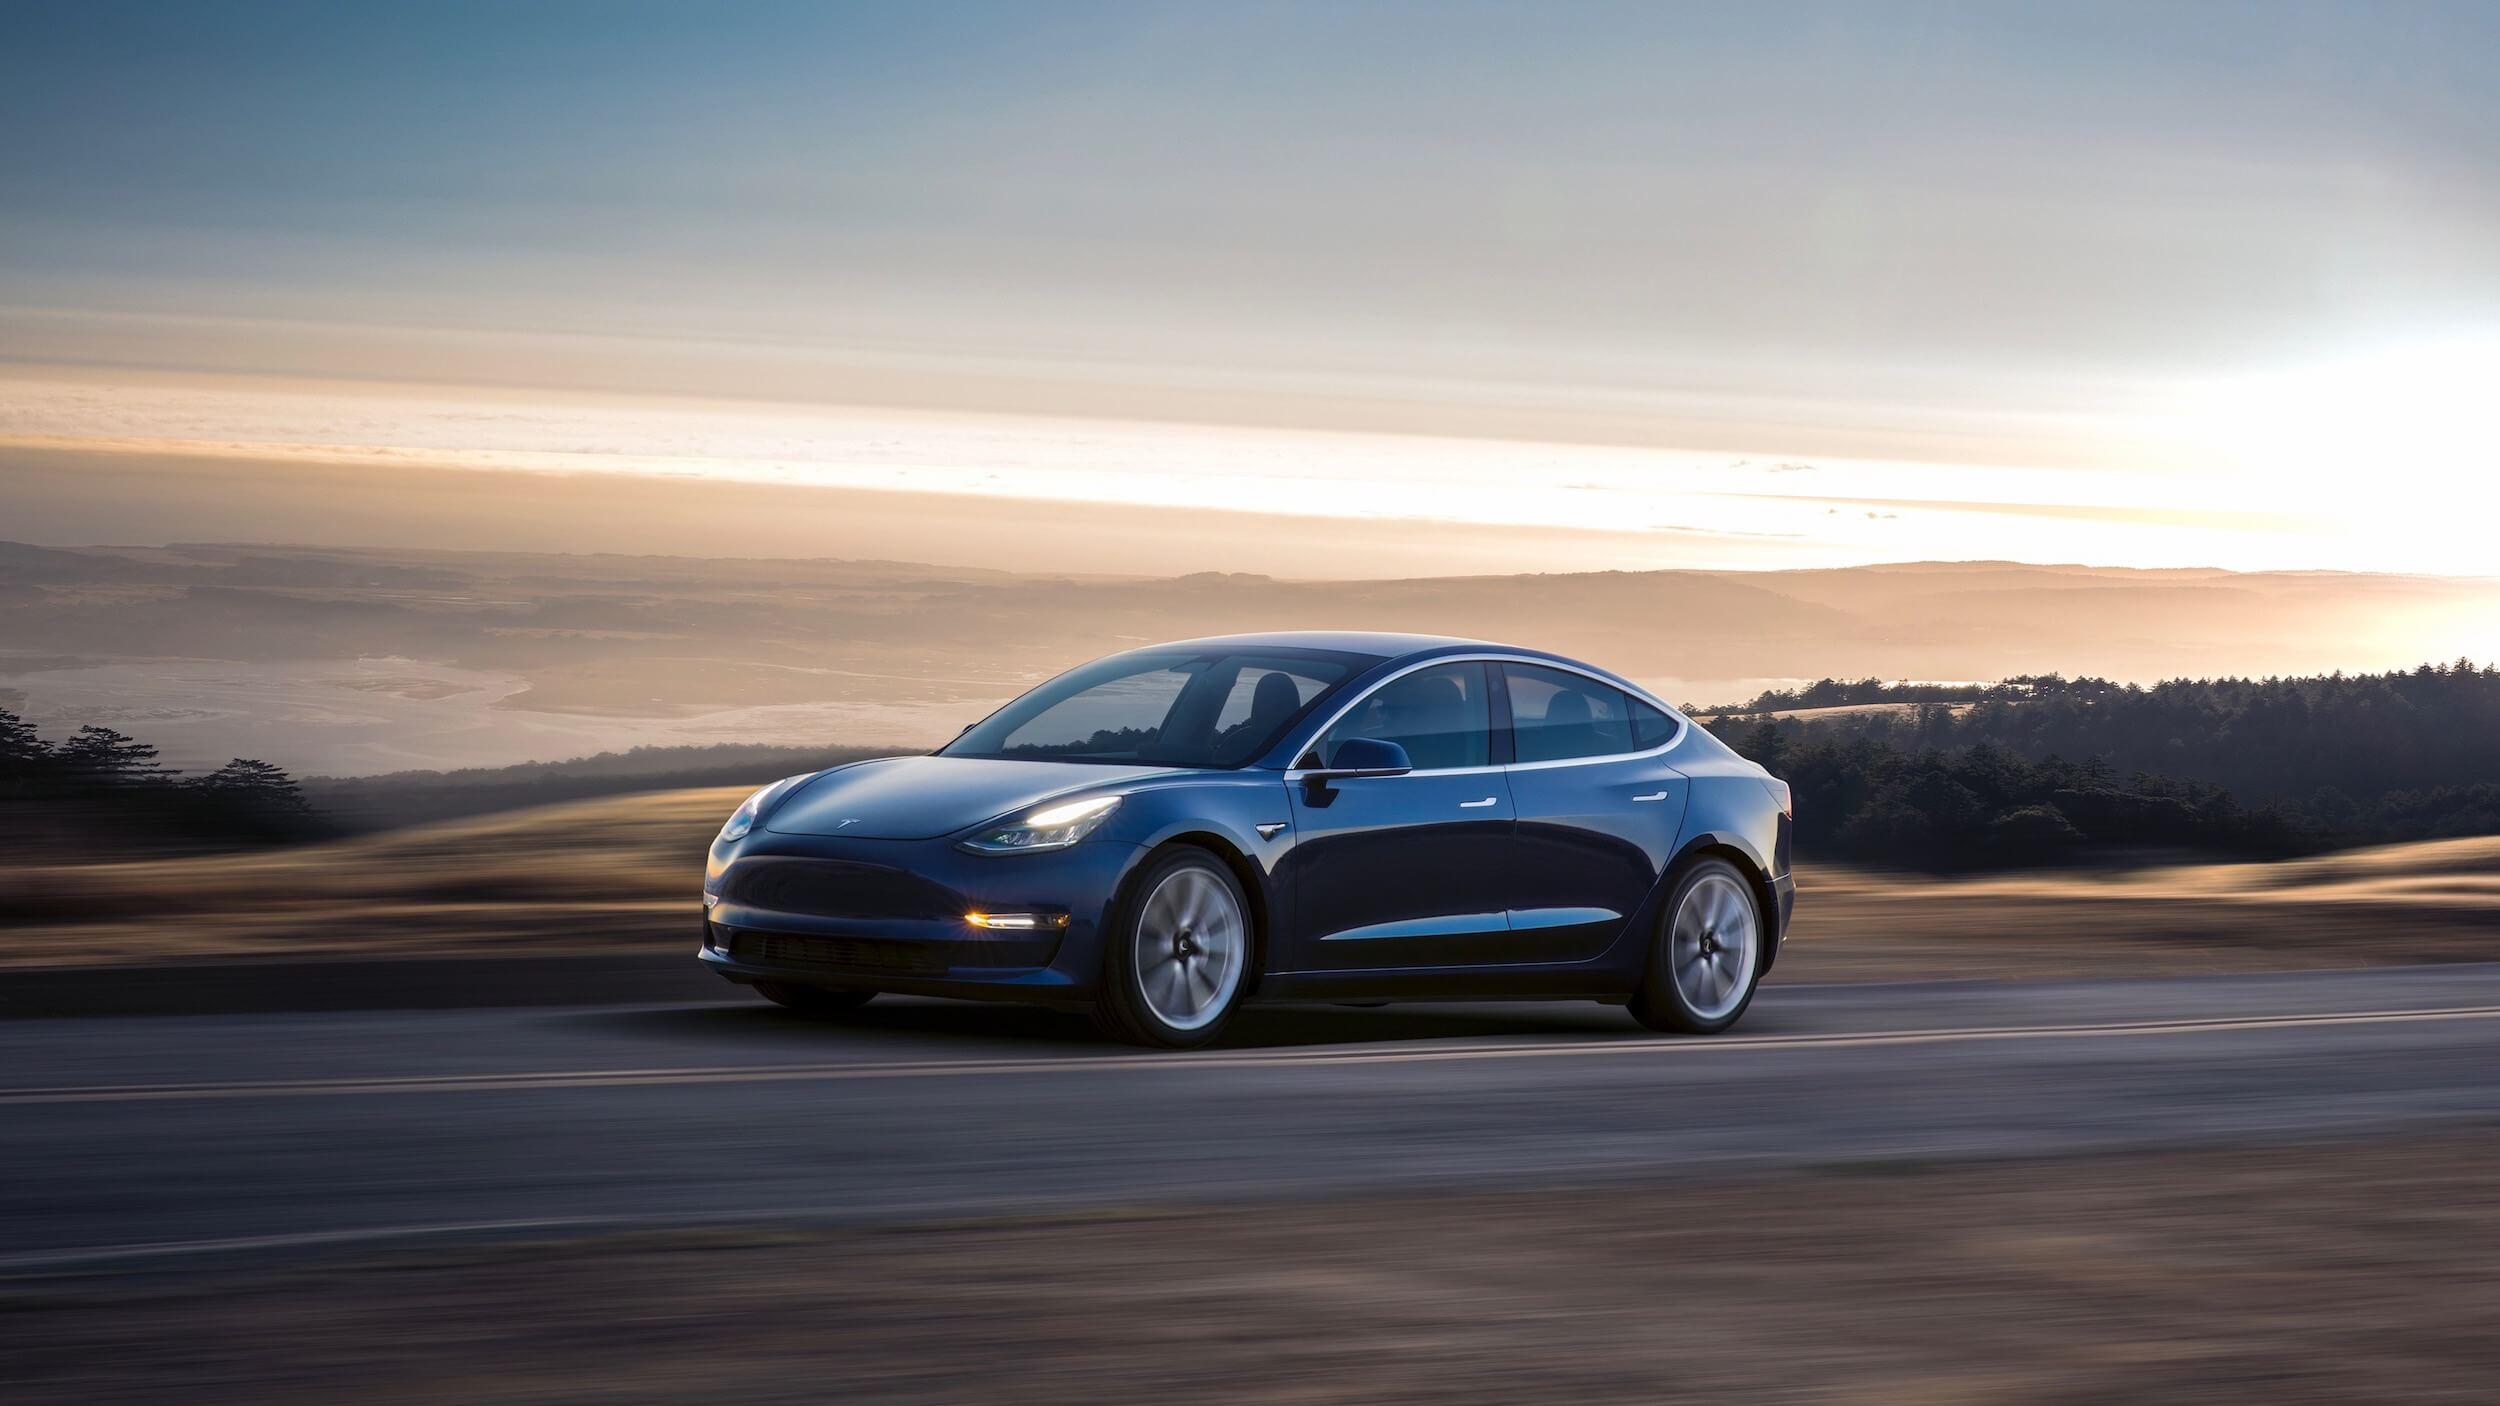 Blauwe Tesla Model 3